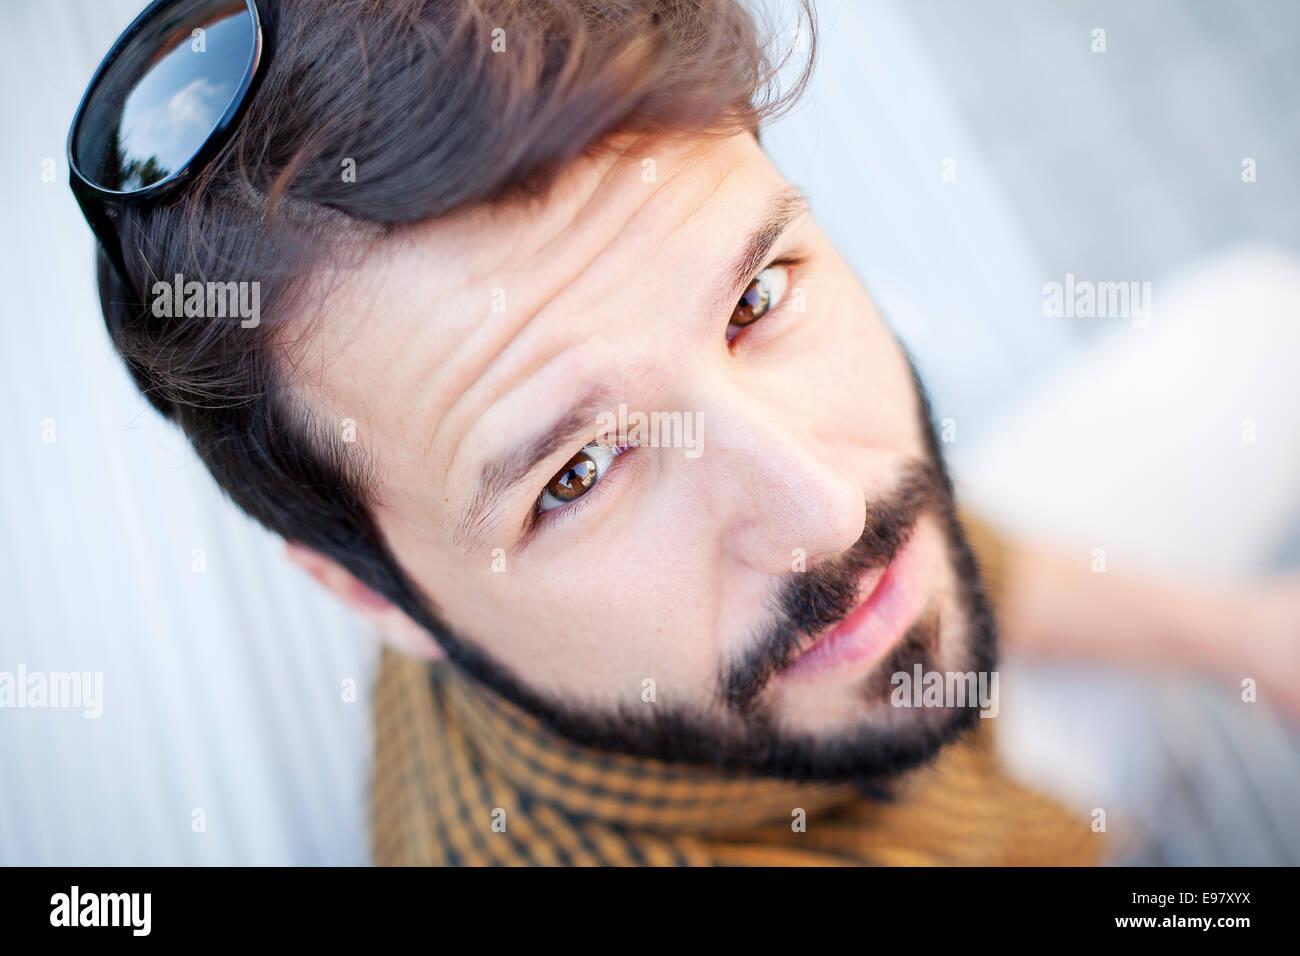 Ritratto di giovane uomo con la barba e capelli castani Immagini Stock